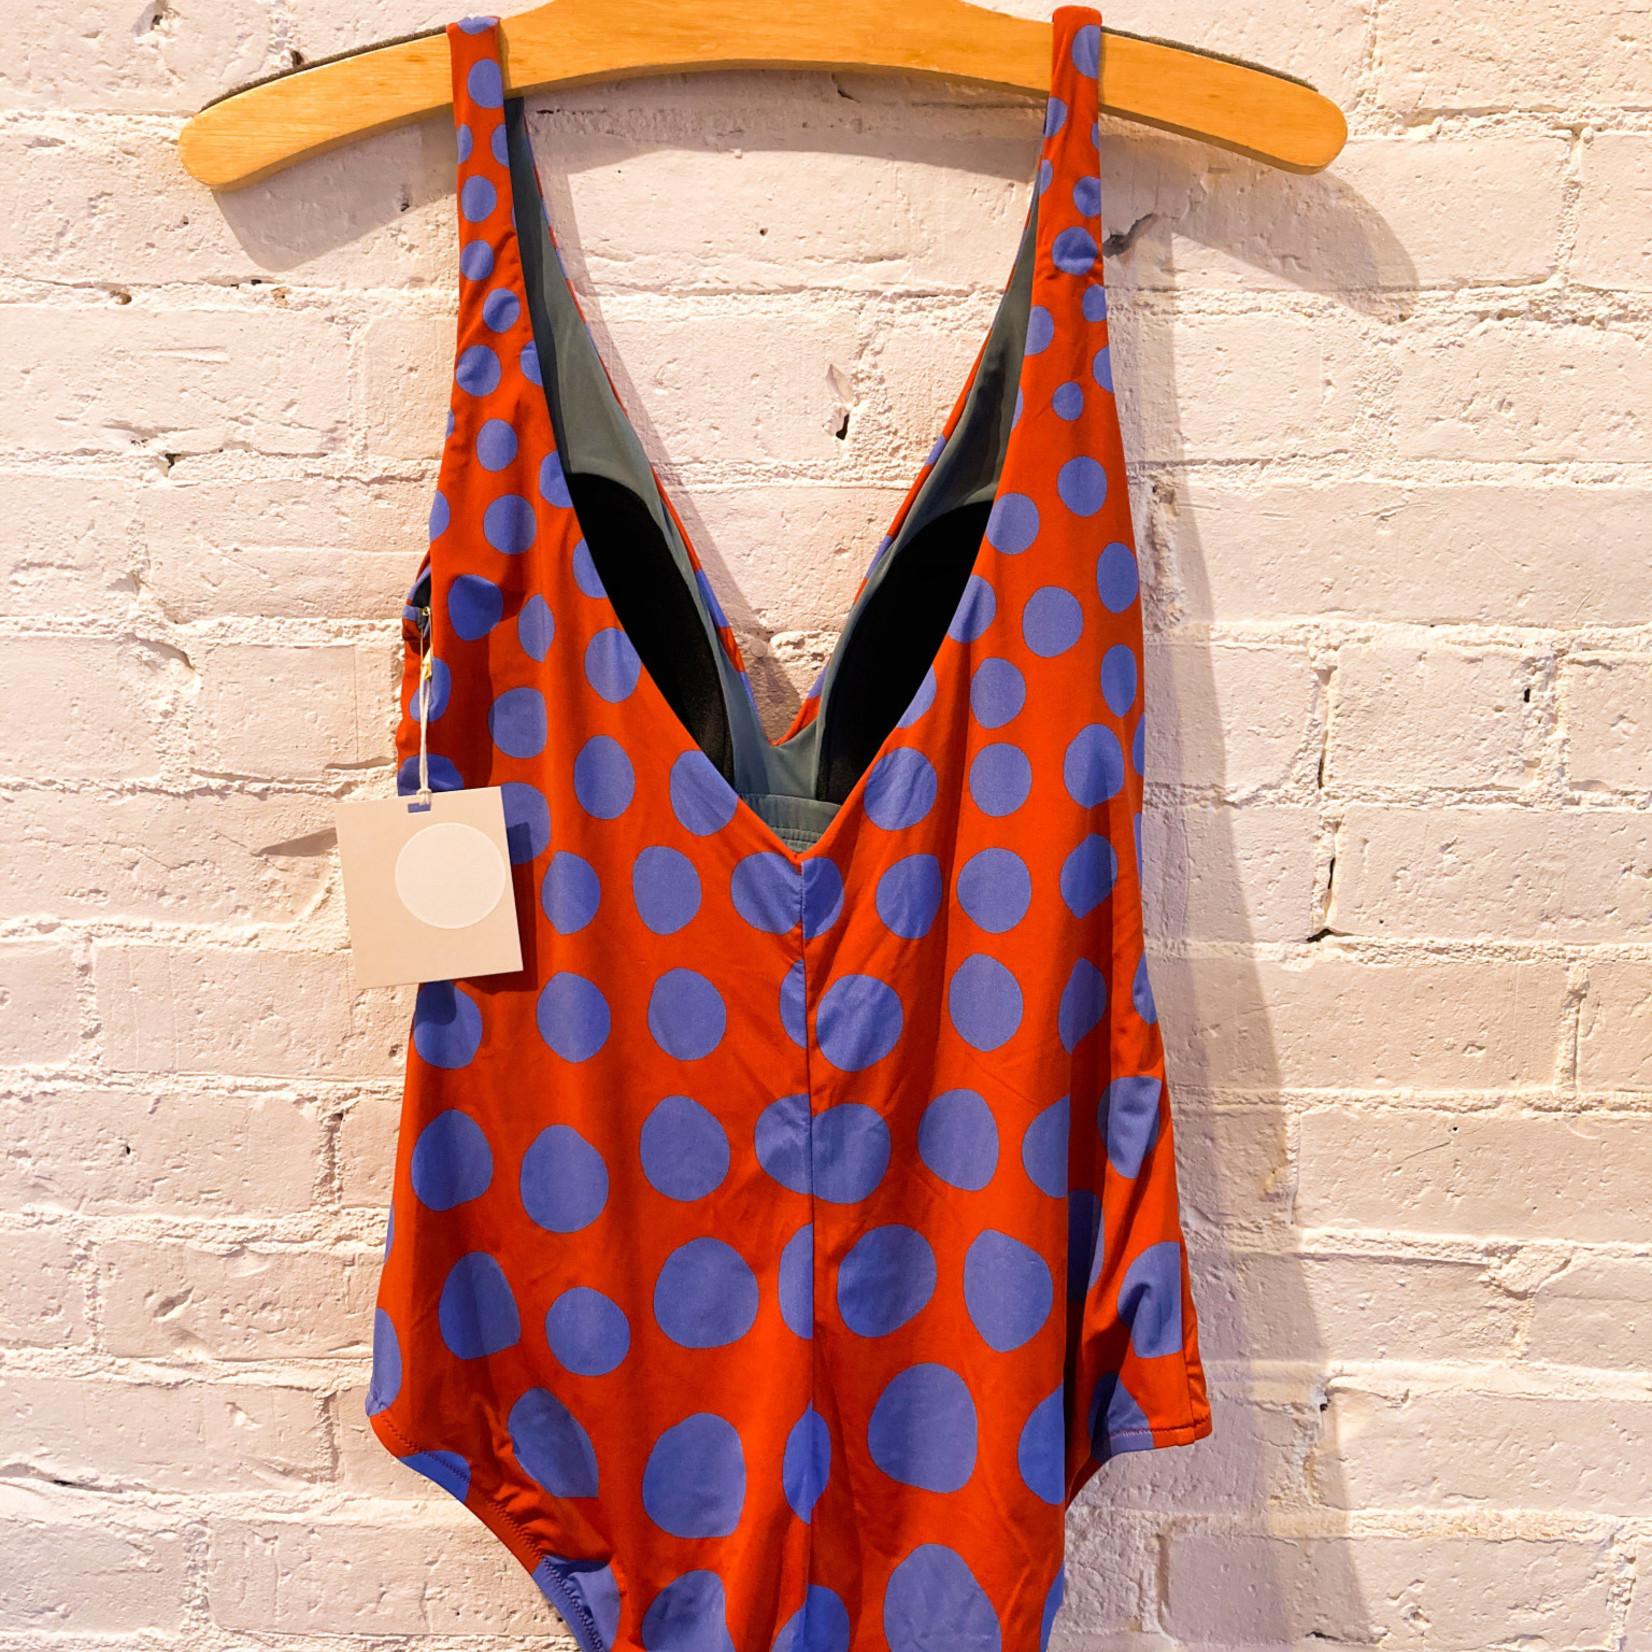 Siyu Jirafa Bathing Suit: Blue Dot Pattern